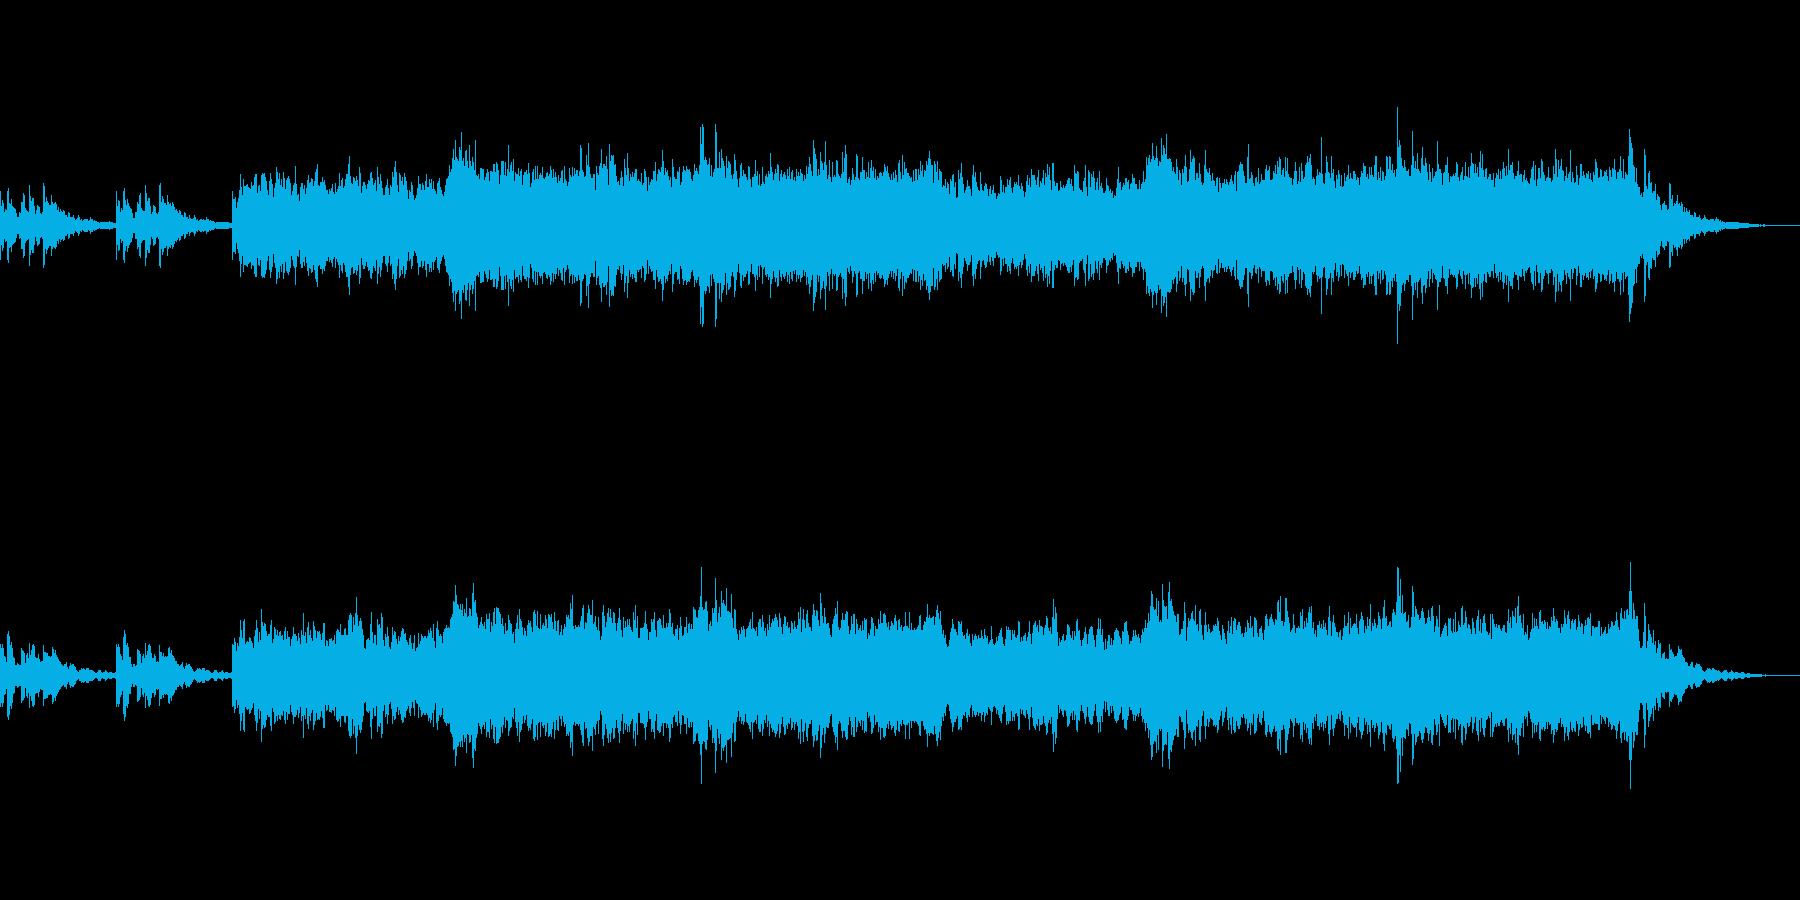 アンビエント環境音楽ヒーリング-04の再生済みの波形